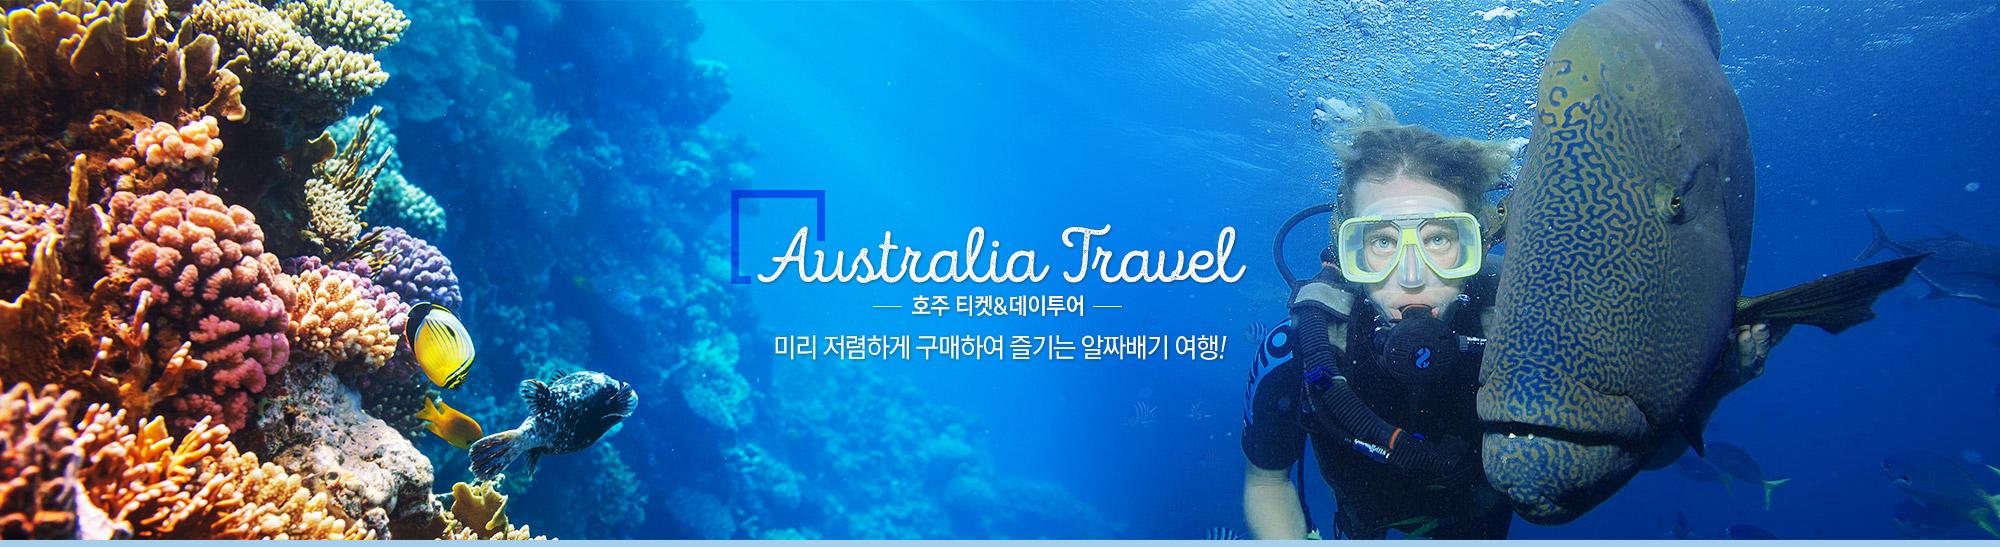 호주 티켓 데이투어, 미리 저렴하게 구매하여 즐기는 알짜배기 여행!